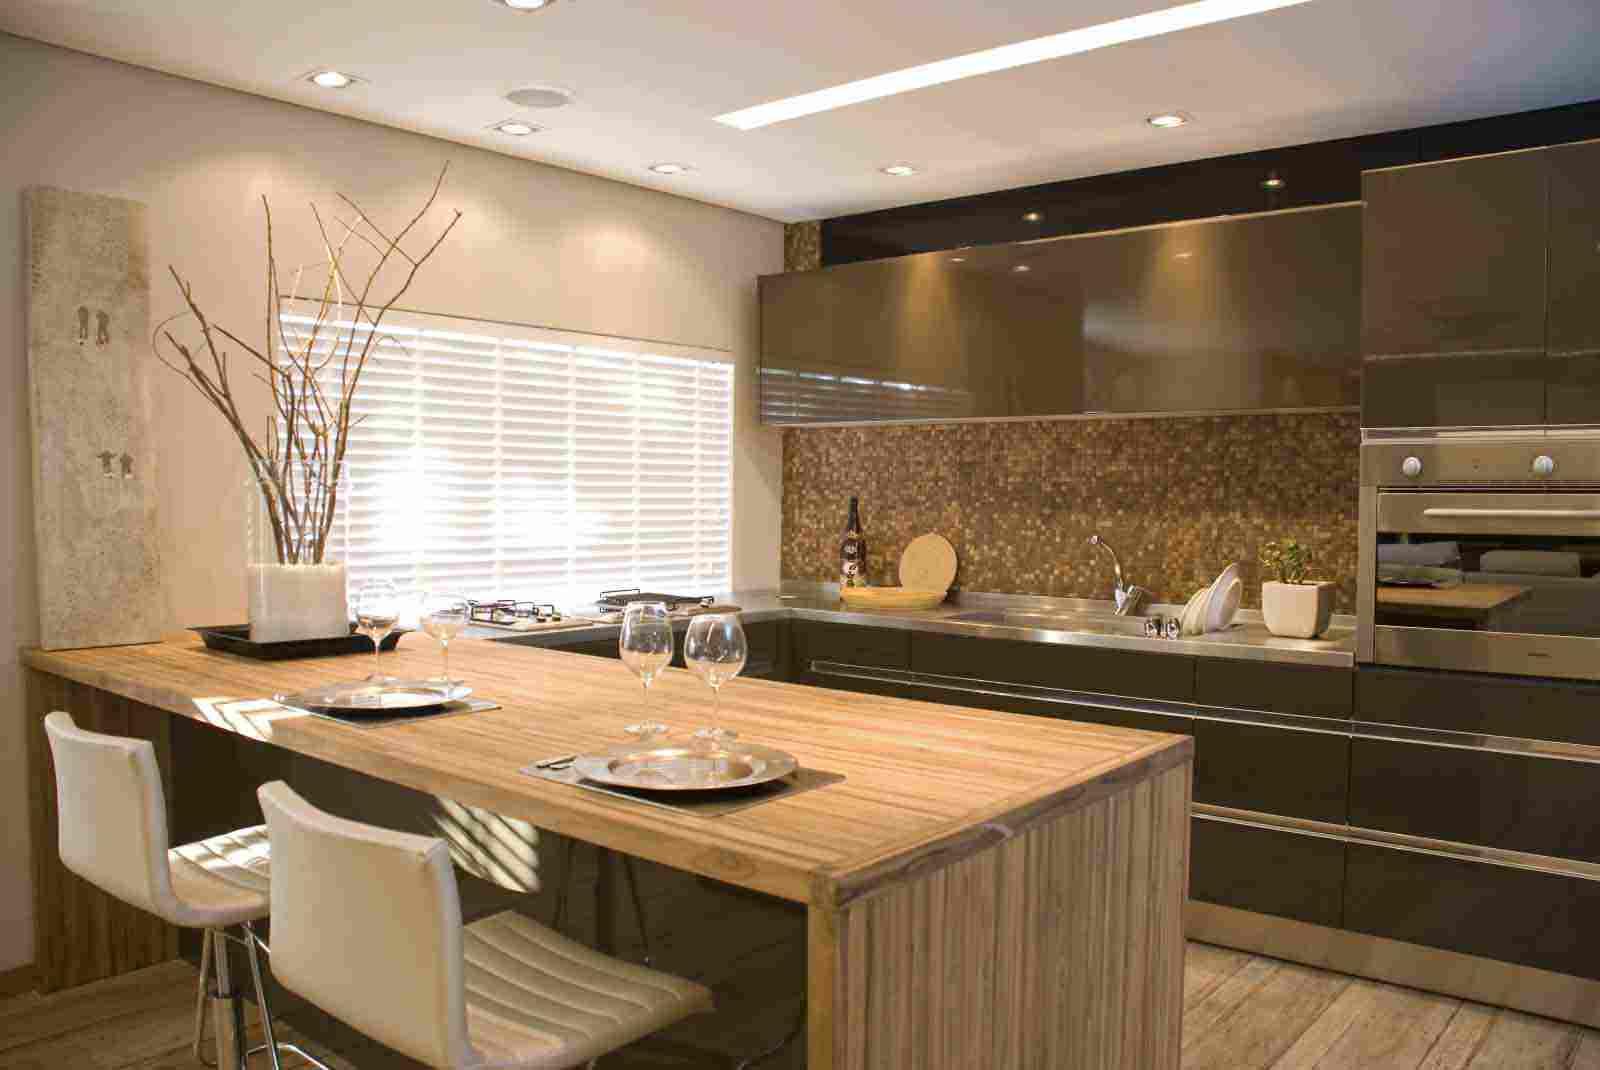 Cozinha Planejada Luxo Cozinha Planejada Com Ilha Central With